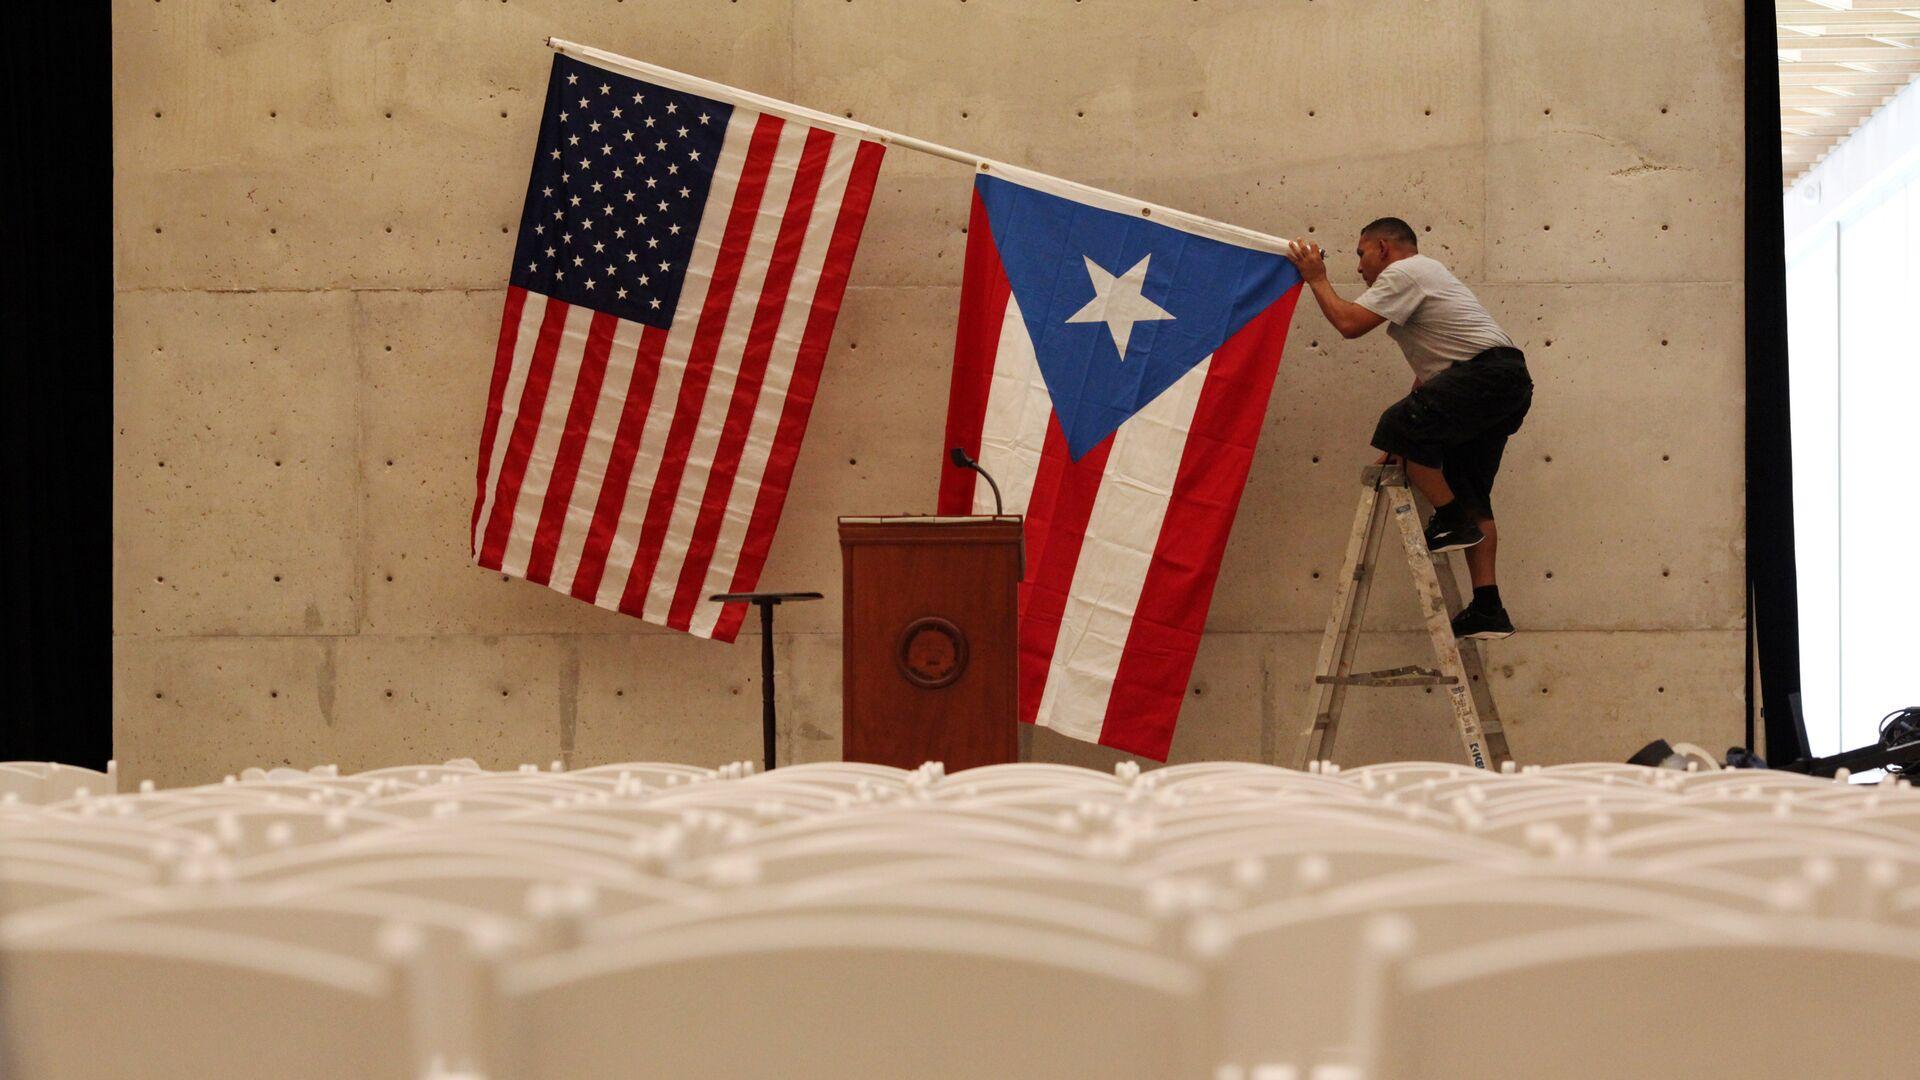 Banderas de EEUU y Puerto Rico - Sputnik Mundo, 1920, 20.07.2021